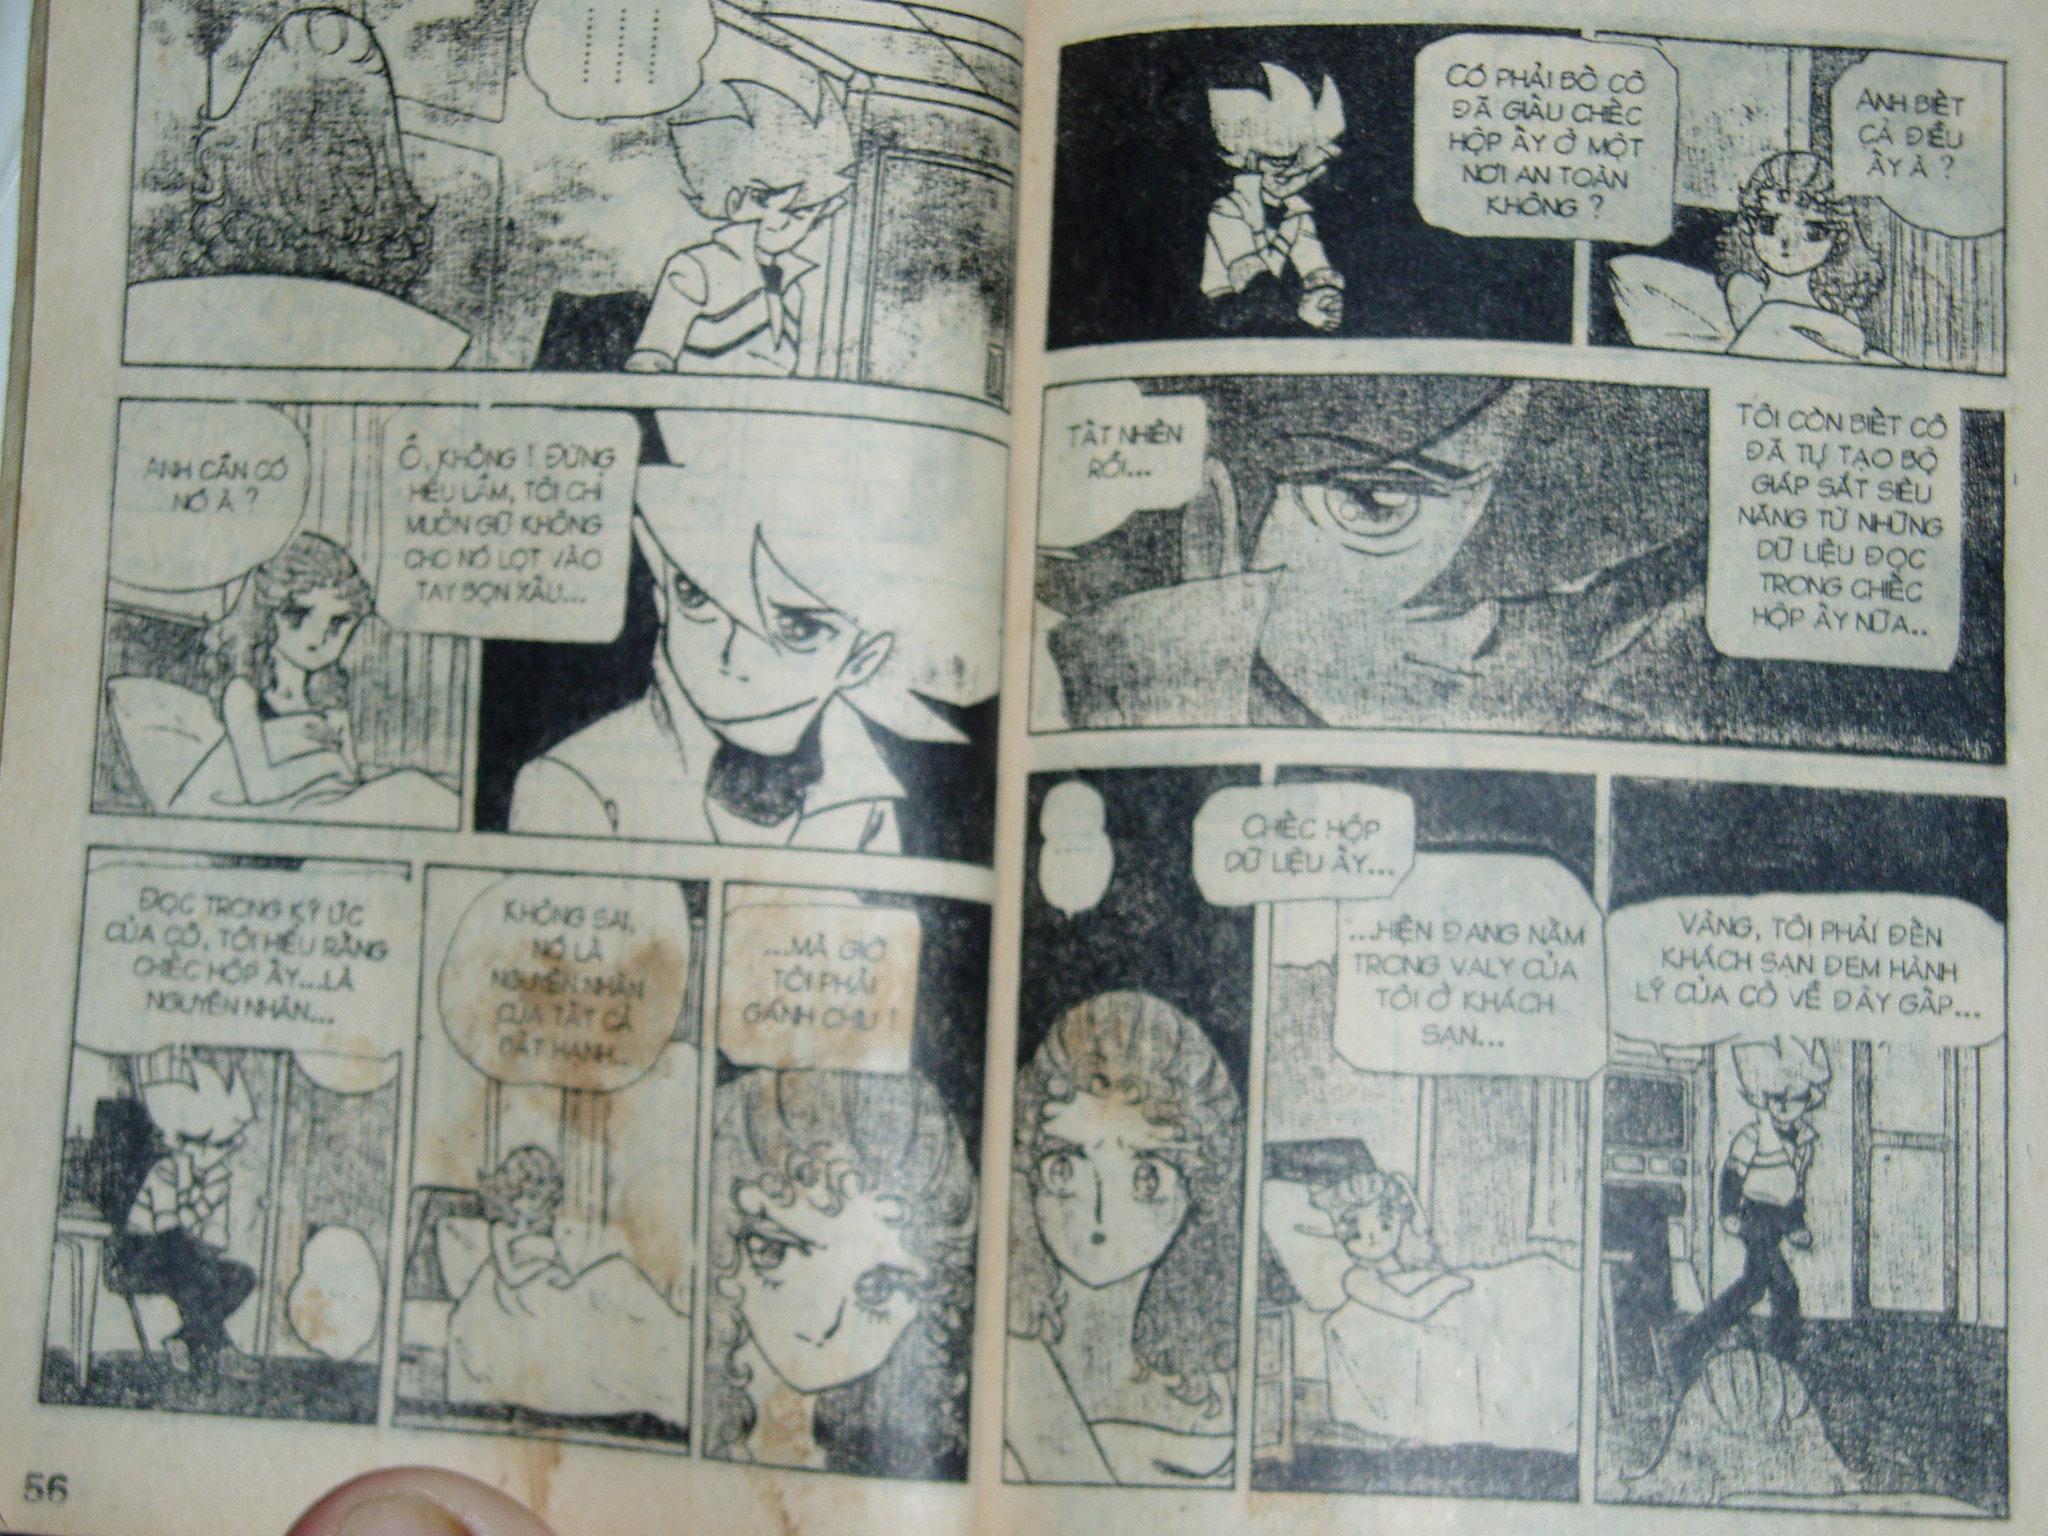 Siêu nhân Locke vol 16 trang 27